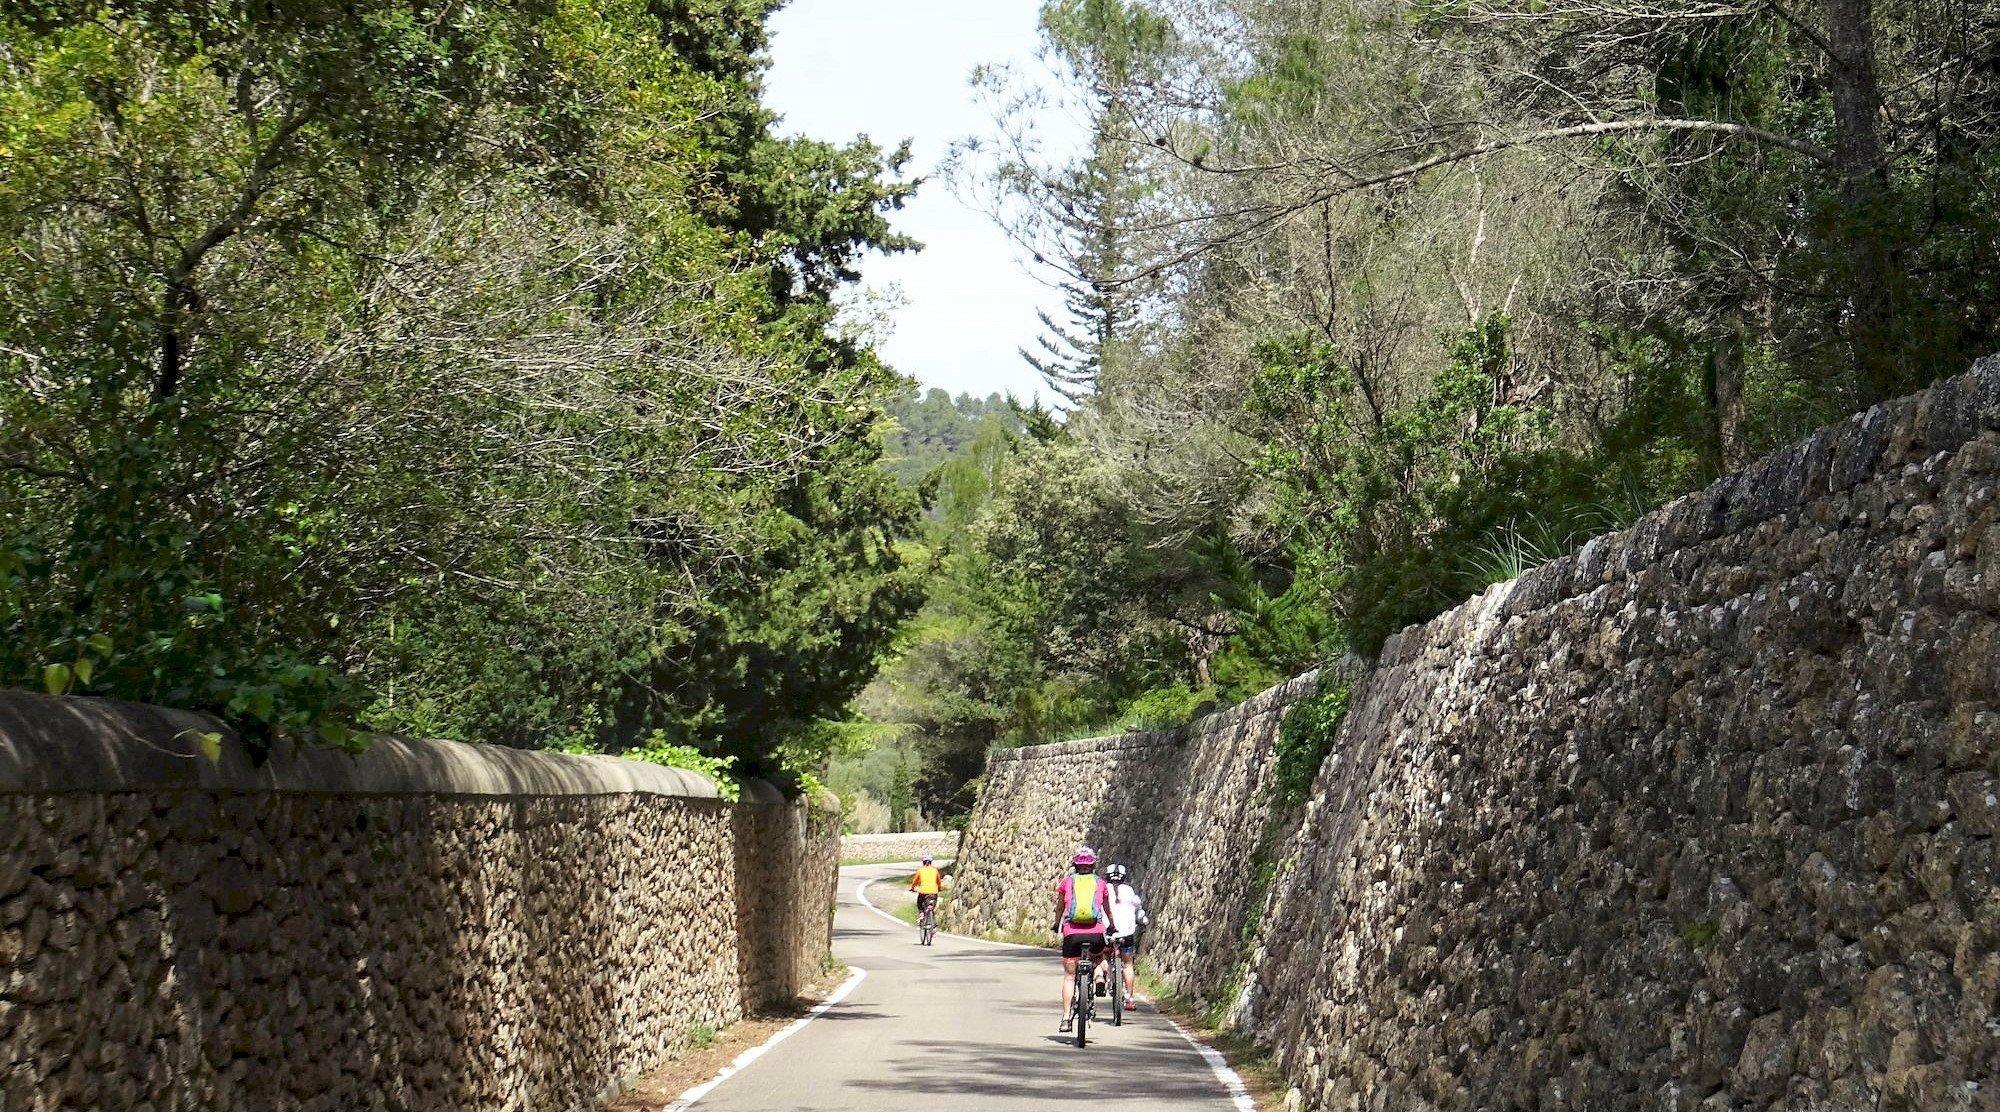 Serra de Tramuntana en bicicleta. Puigpunyent. BICIS EN RUTA. 1170x650